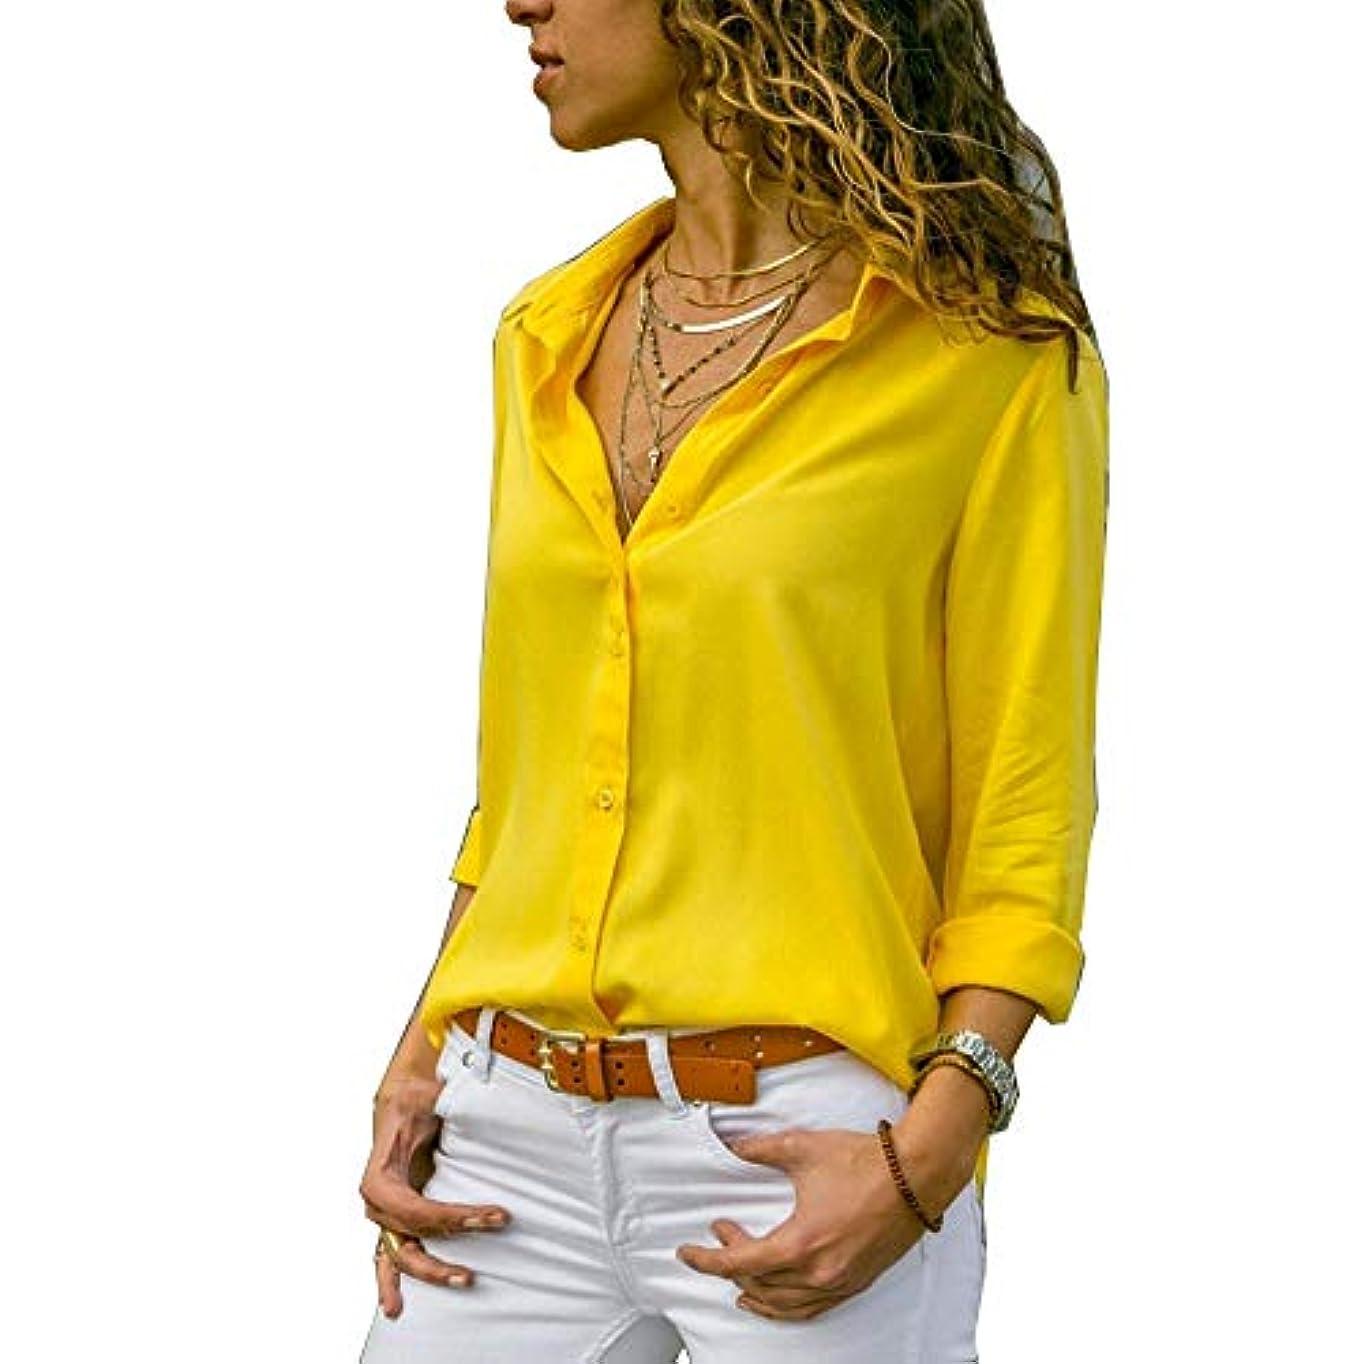 ガジュマル影響を受けやすいですかき混ぜるMIFAN ルーズシャツ、トップス&Tシャツ、プラスサイズ、トップス&ブラウス、シフォンブラウス、女性トップス、シフォンシャツ